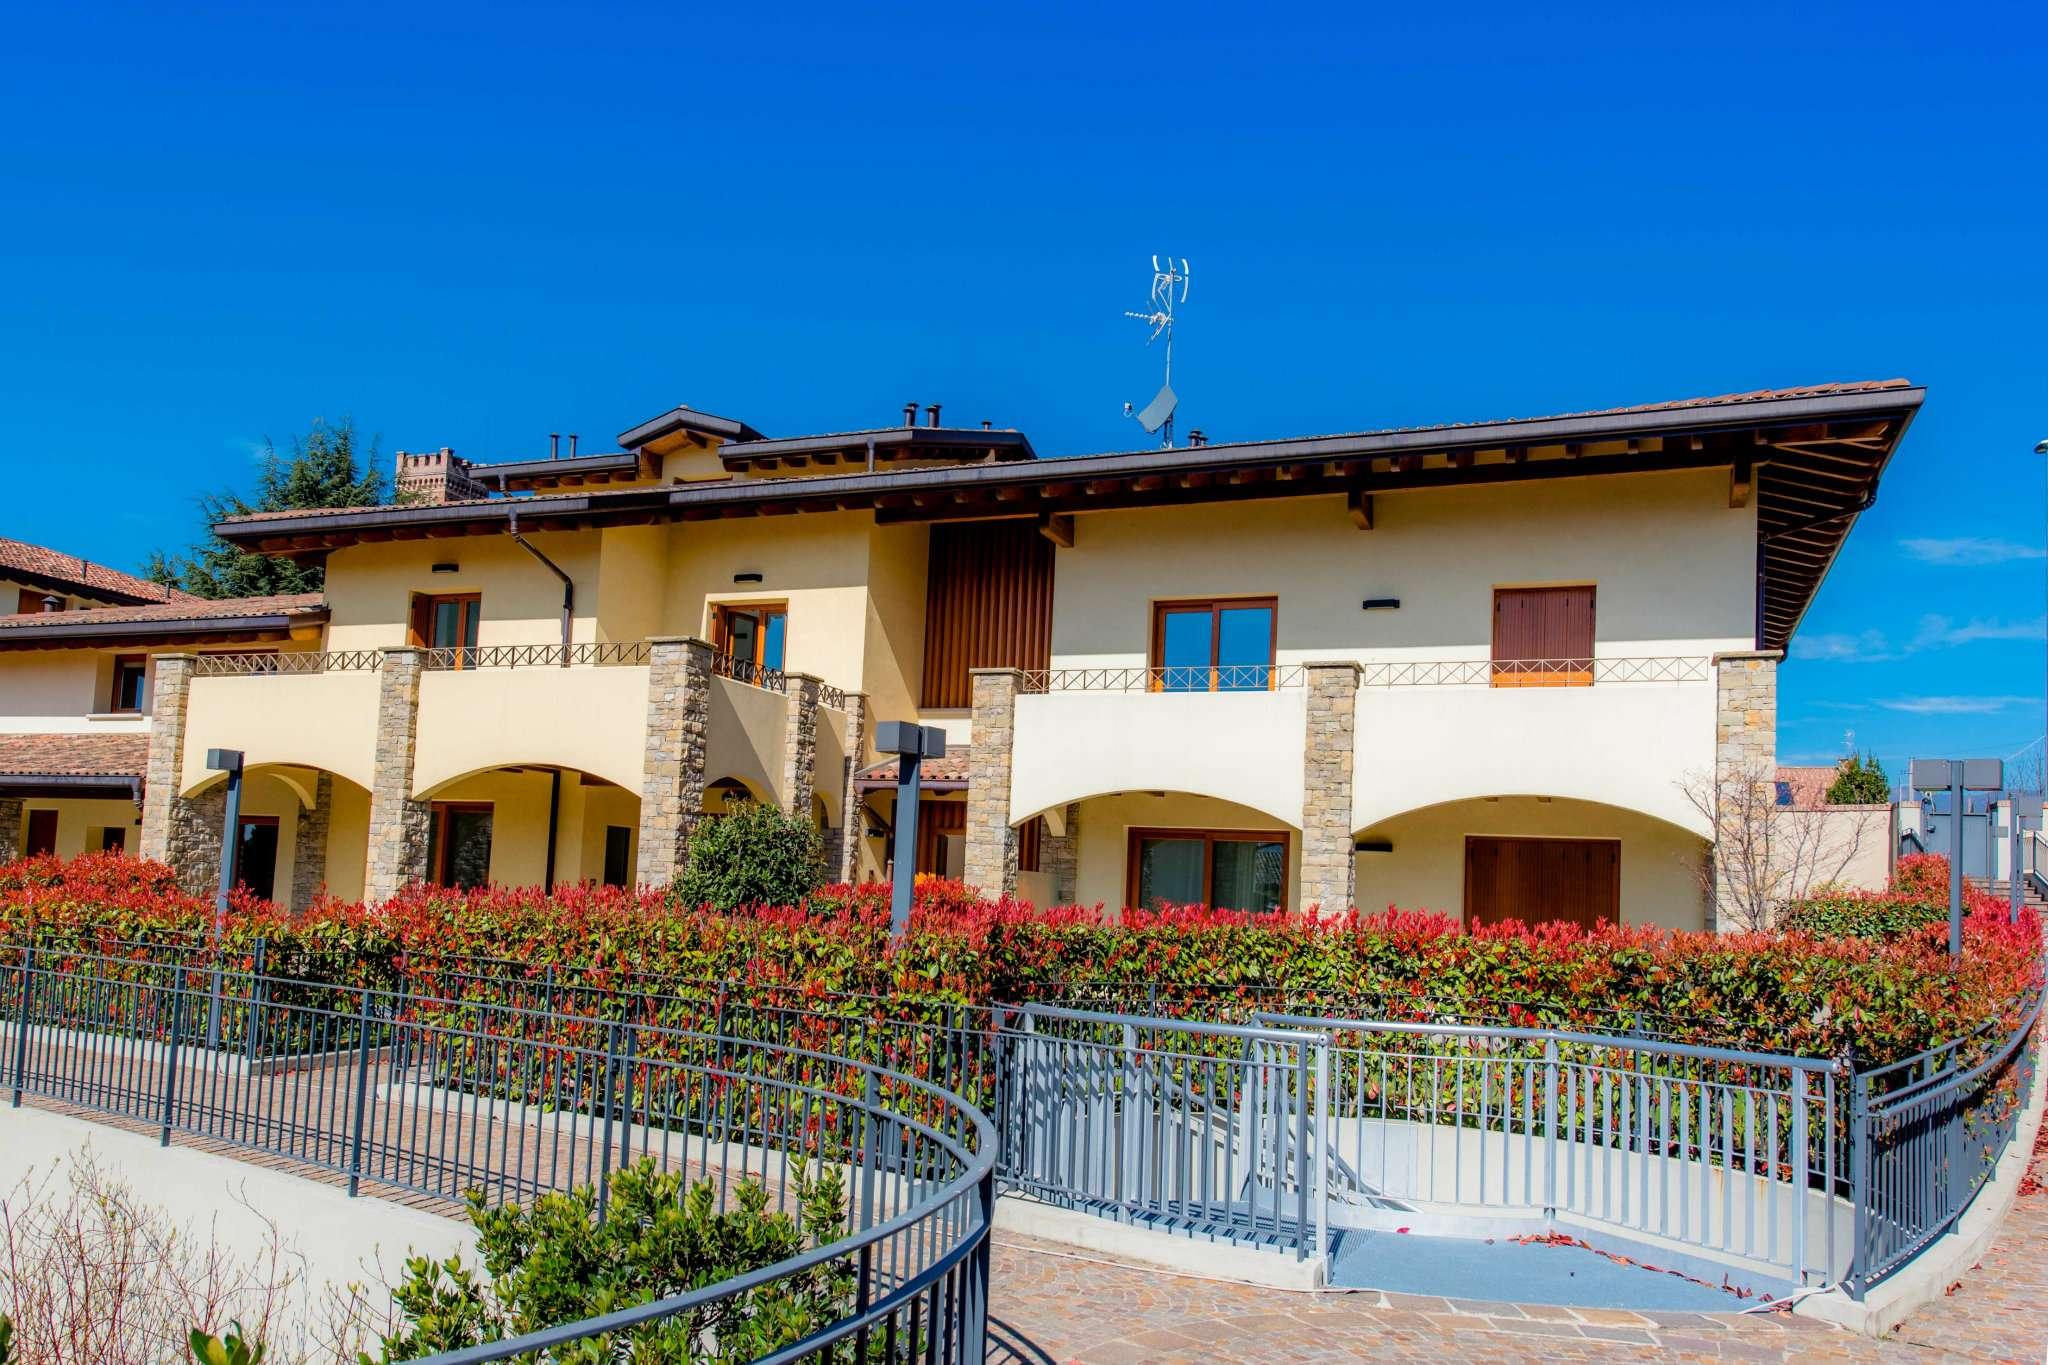 Appartamento in vendita a Torre de' Roveri, 3 locali, prezzo € 250.000 | CambioCasa.it